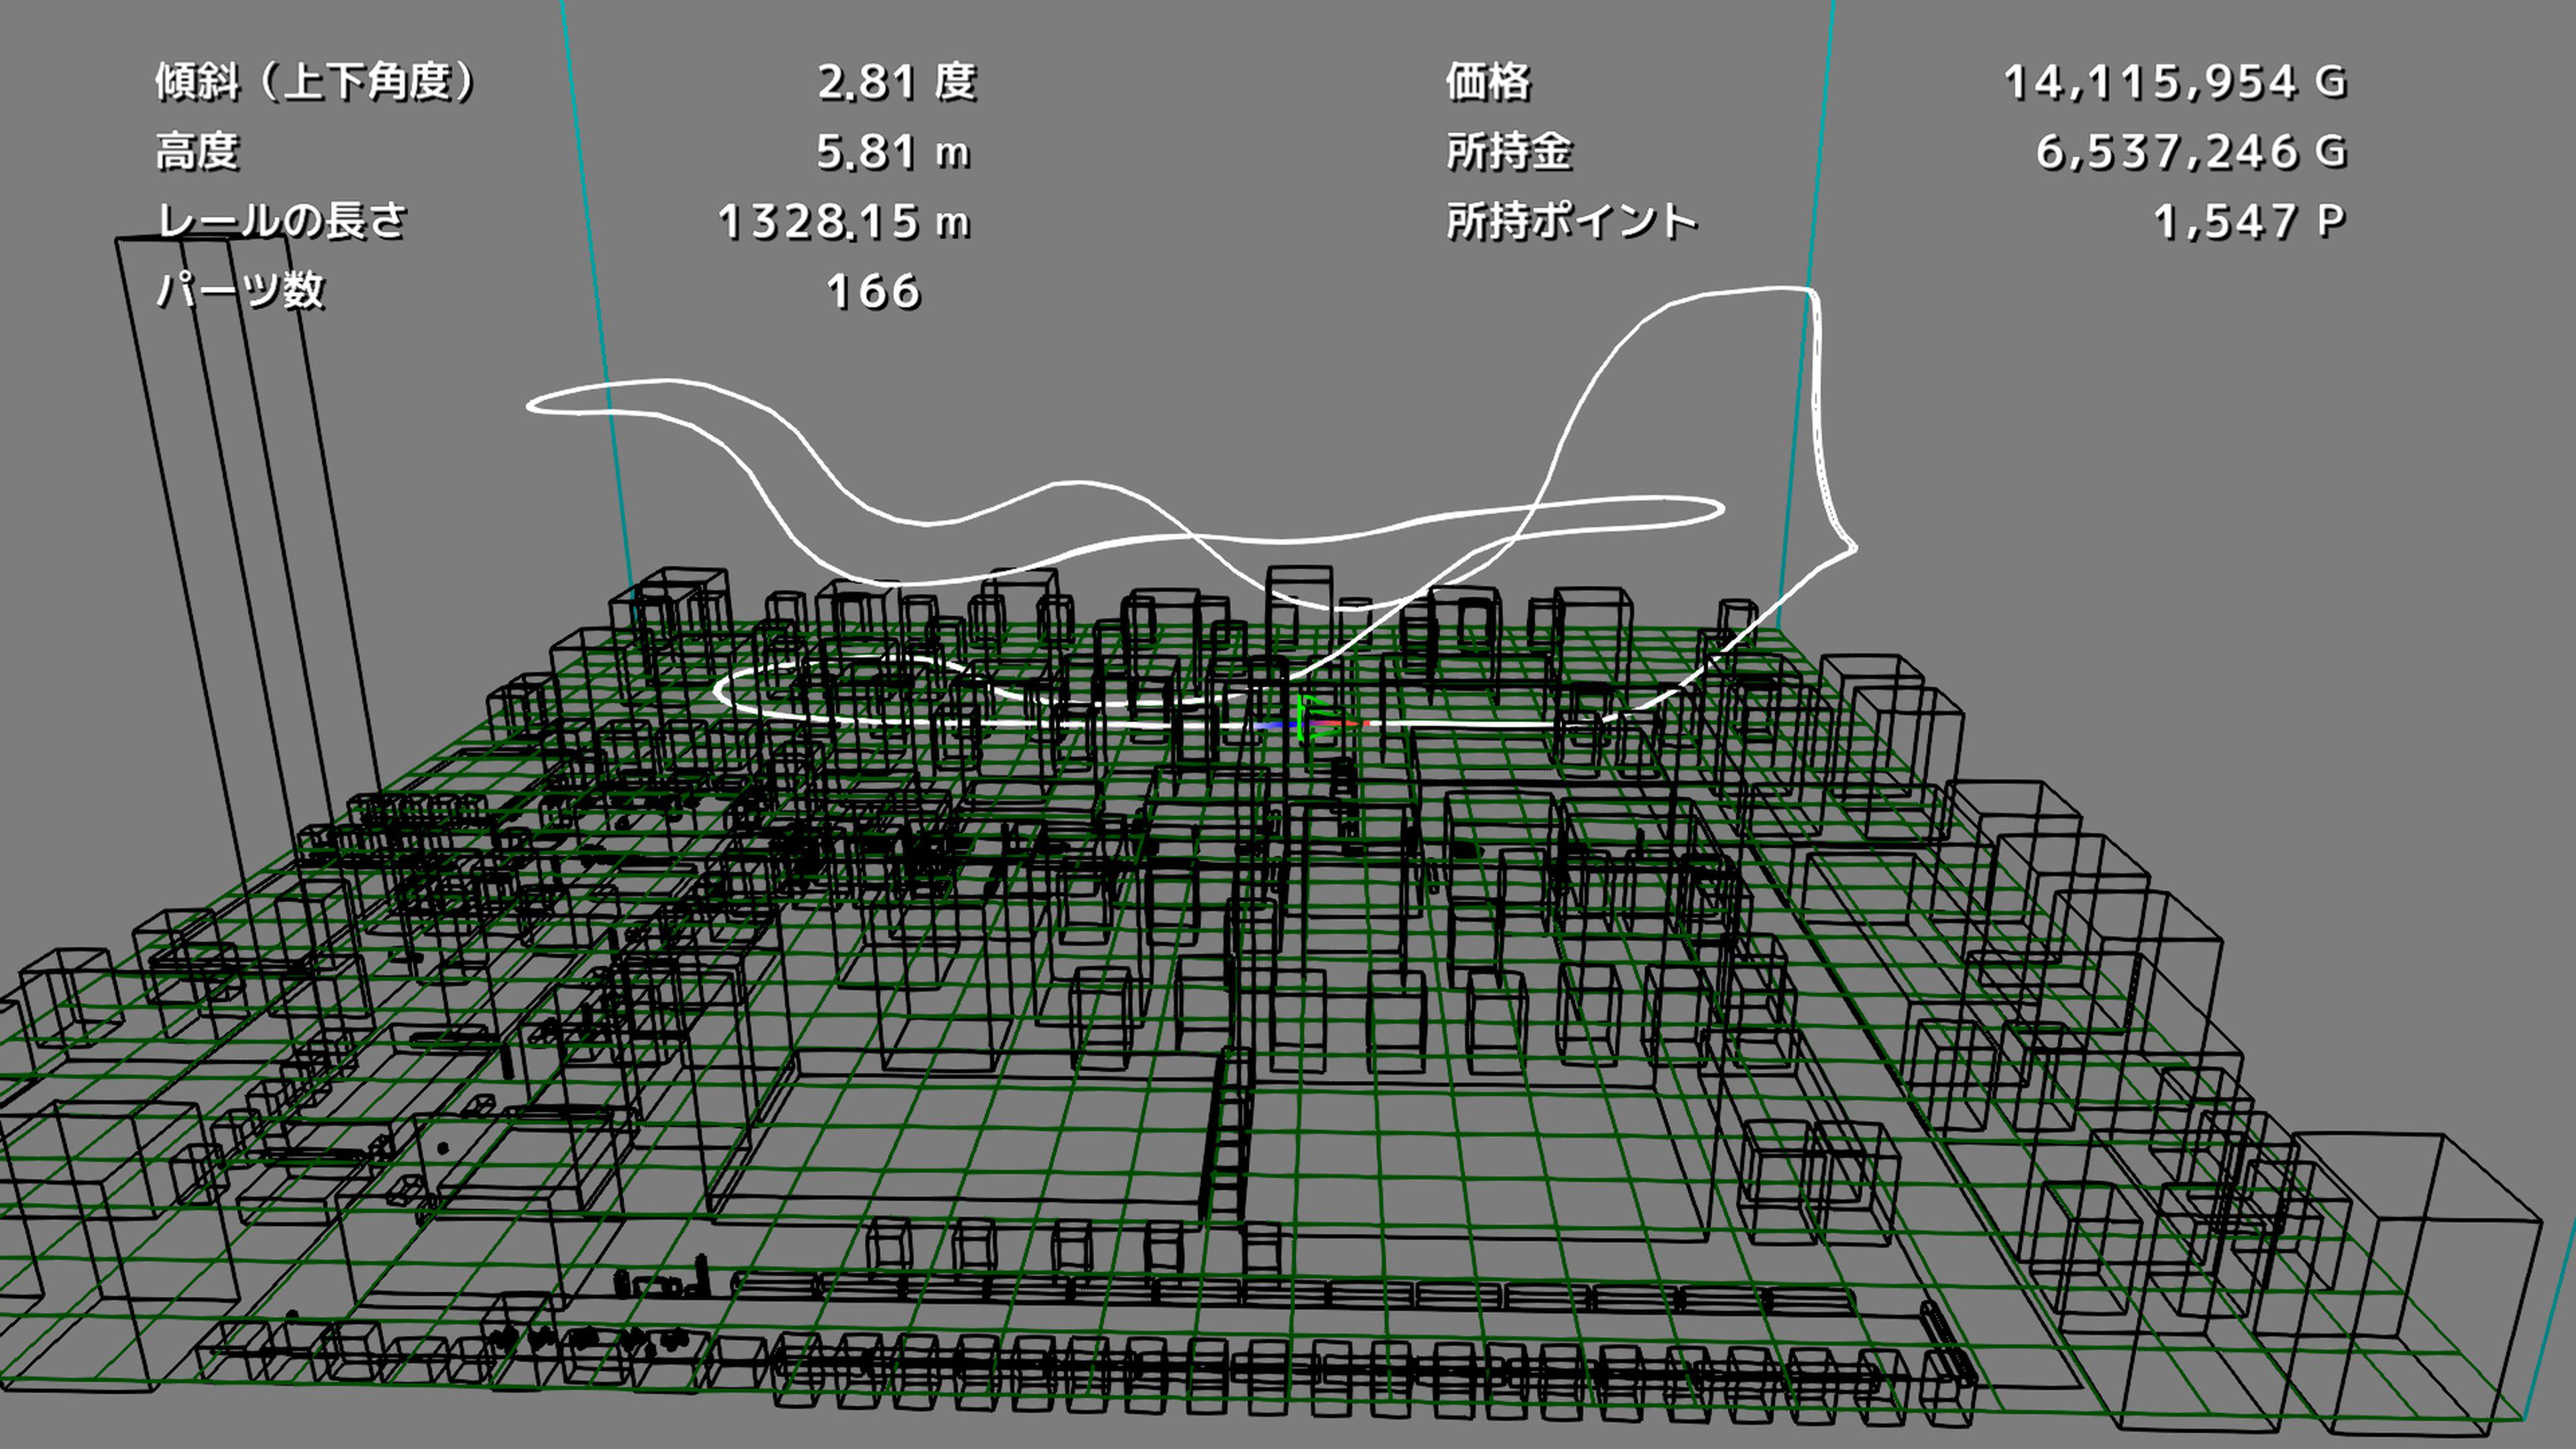 『ローラーコースタードリームズ』ゲーム画面